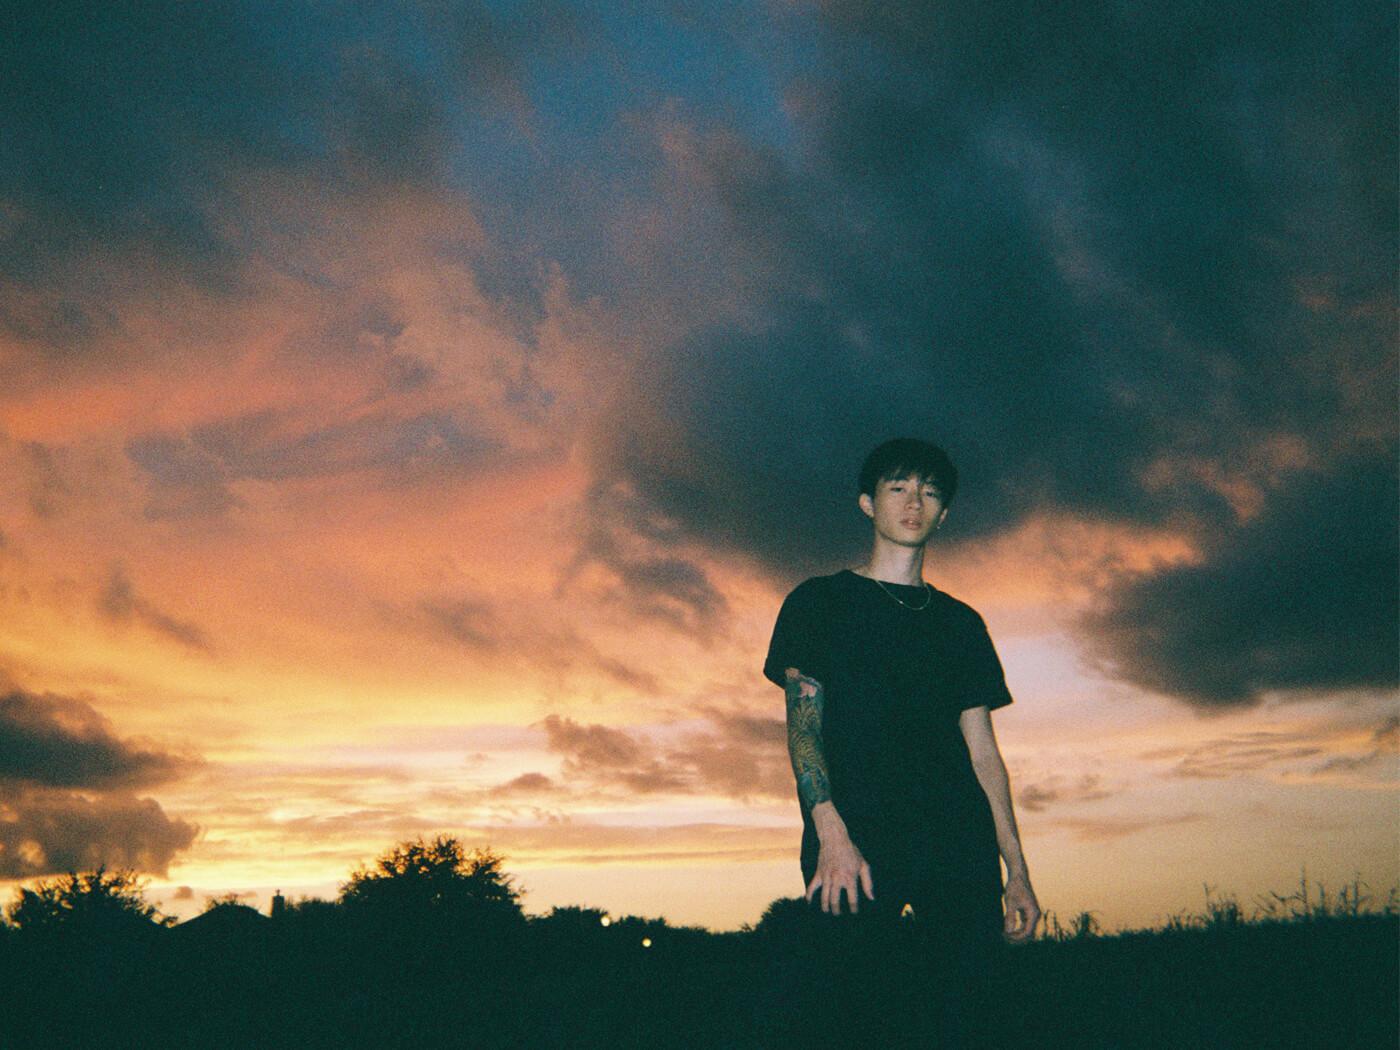 Keshi interview lo-fi hip hop John Mayer